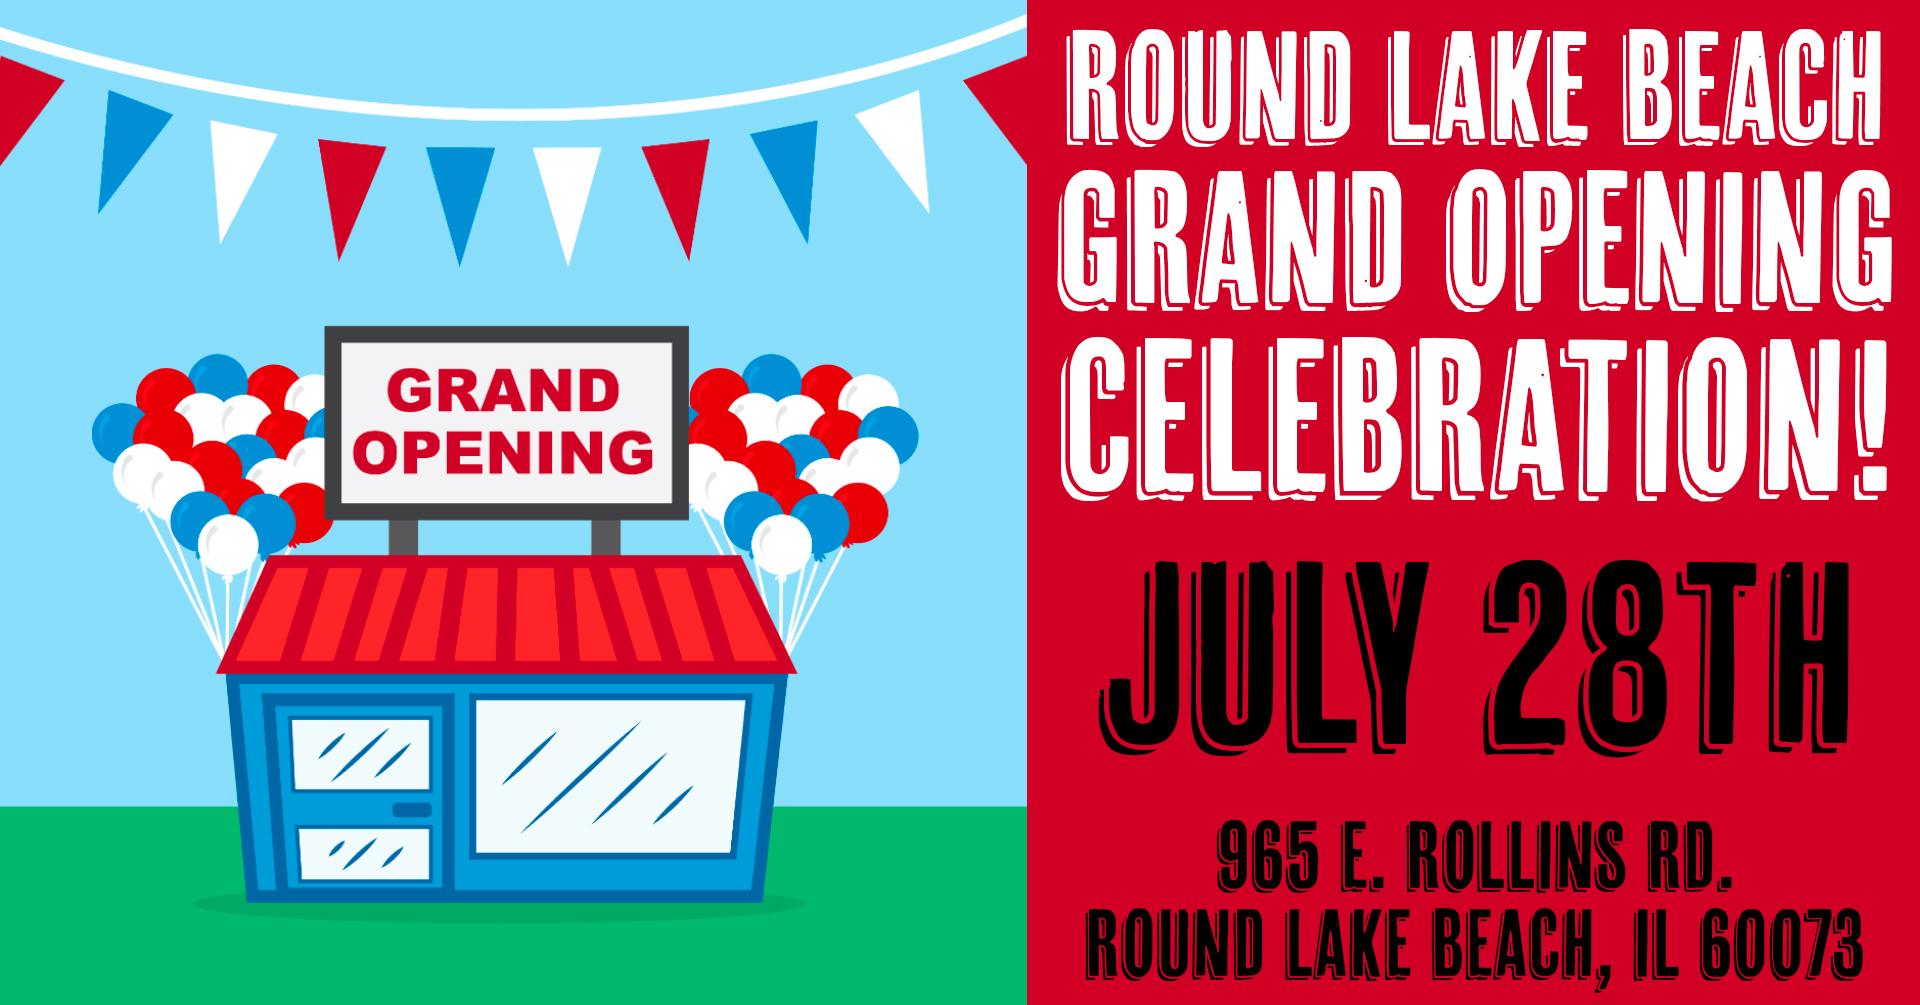 Round Lake Beach Grand Opening